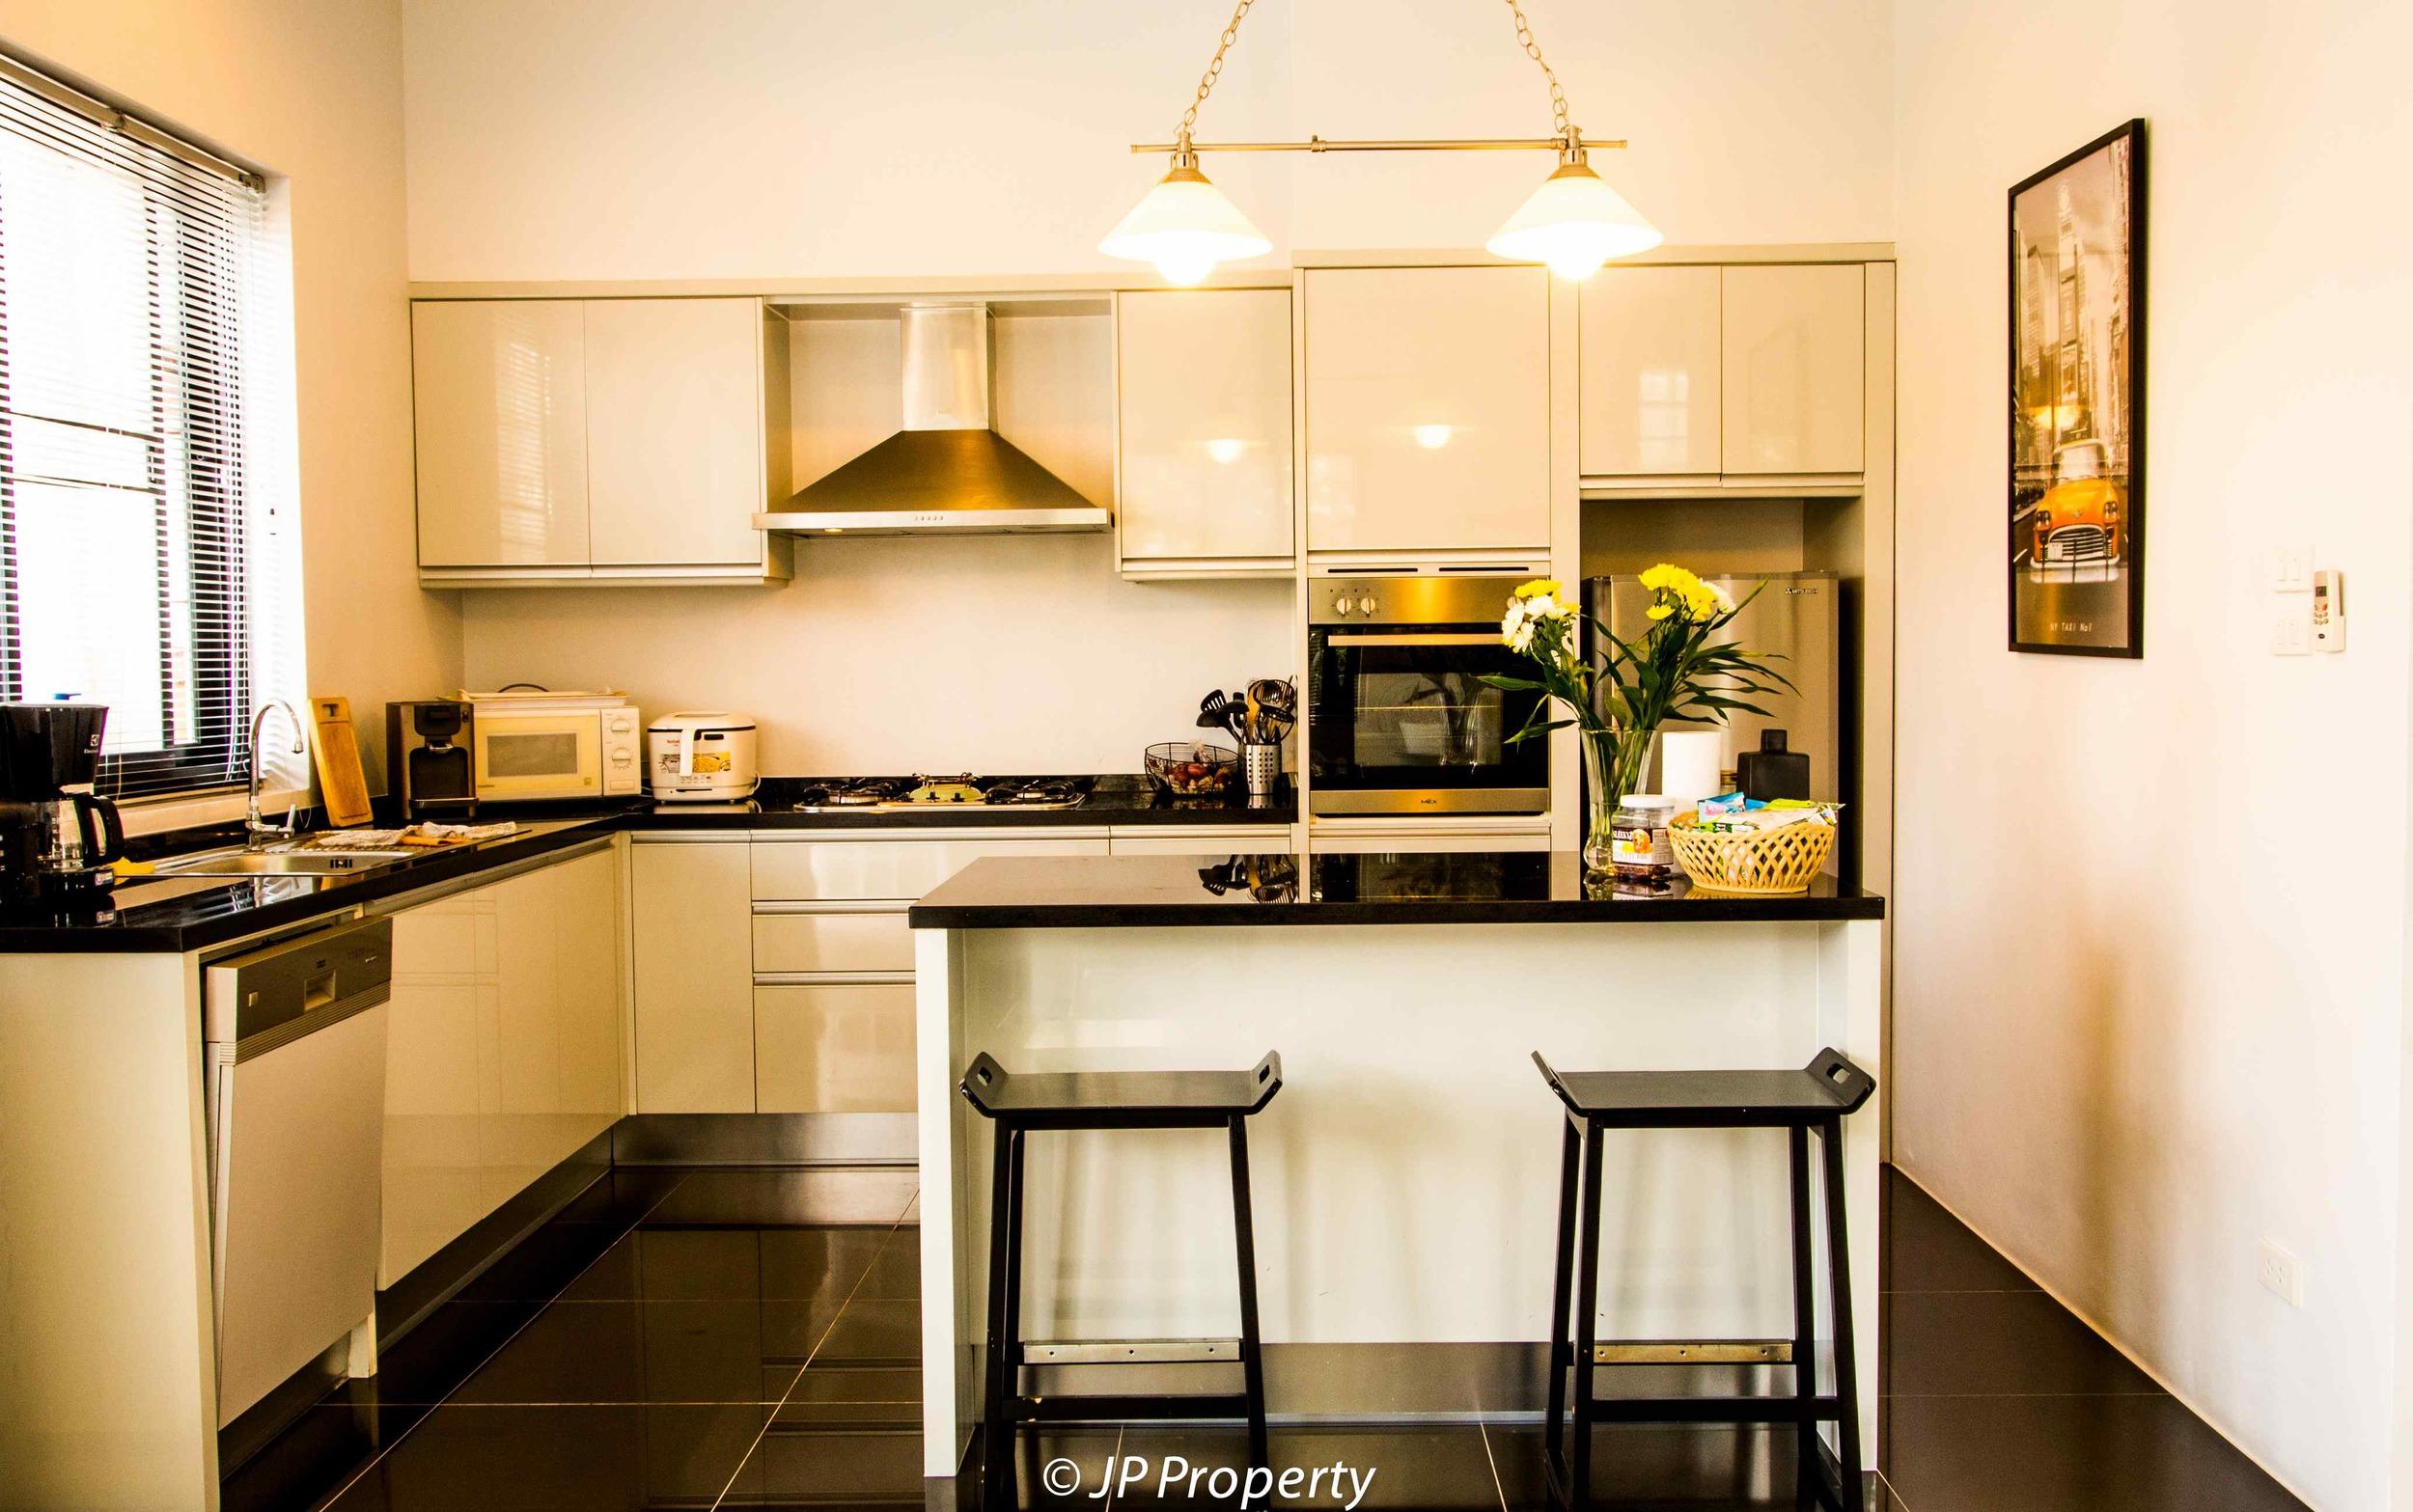 TW77-Kitchen-1250380.jpg